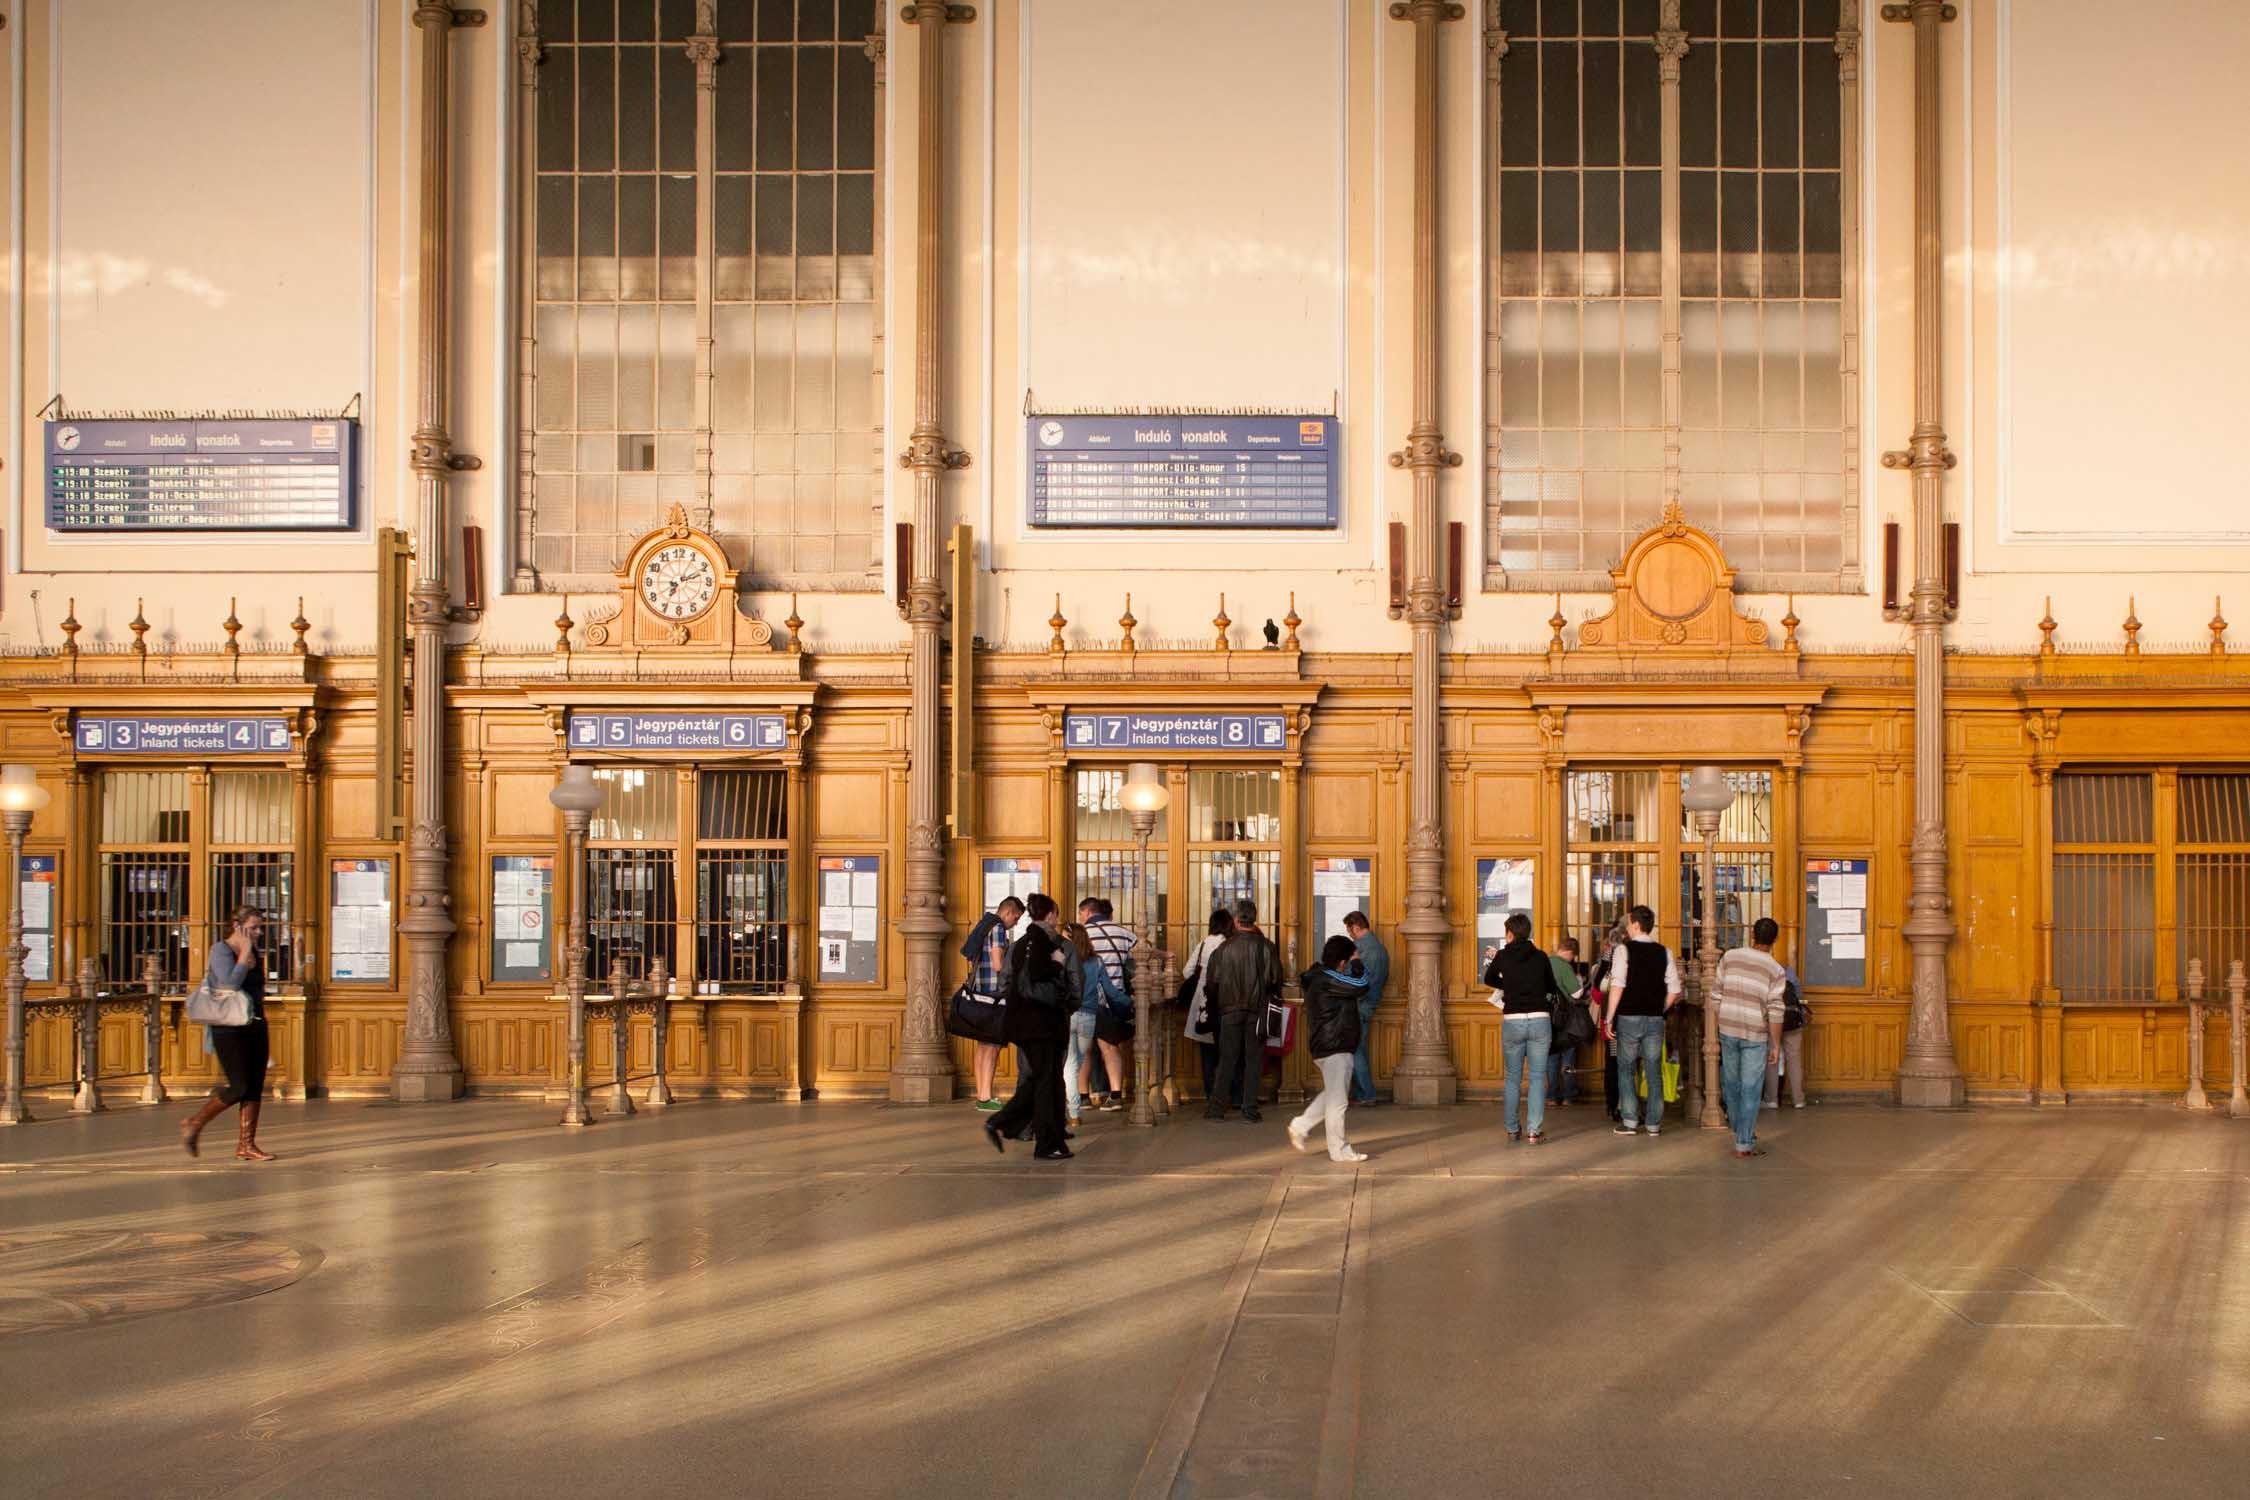 budapest nyugati pu schalterhalle tickets fahrtkarten gold gelb westbahnhof ungarn bahnhof reisen zugfahren Jörn Strojny